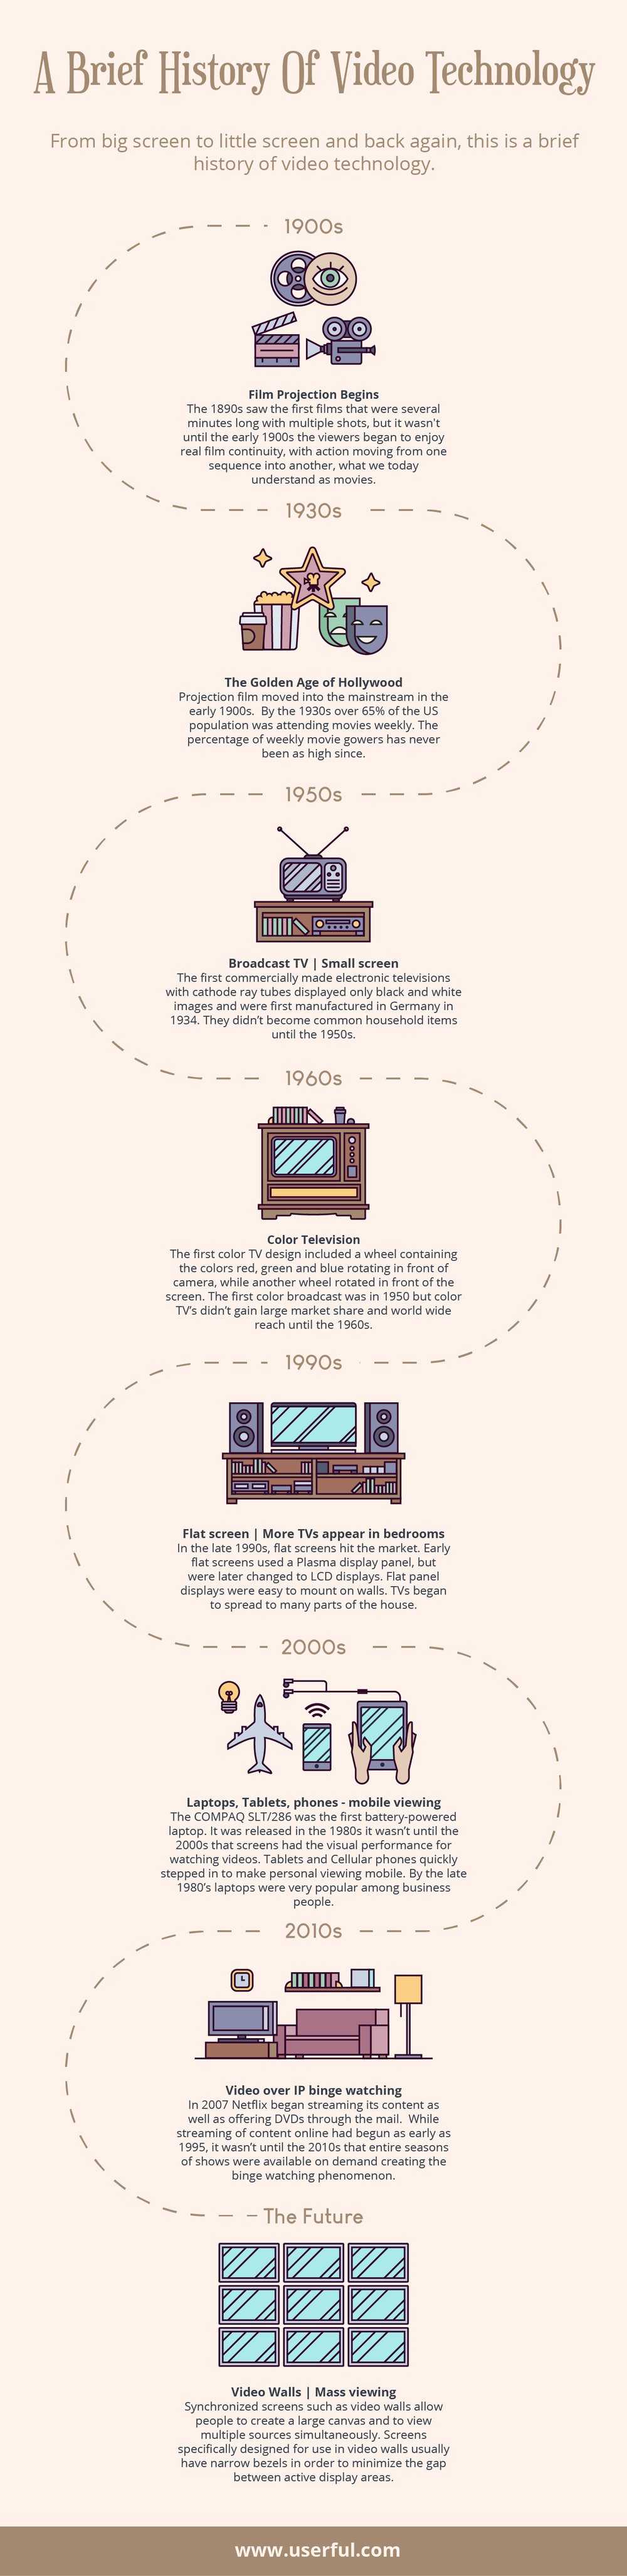 brief history of video technoloy infographic-timeline handzaround.jpg